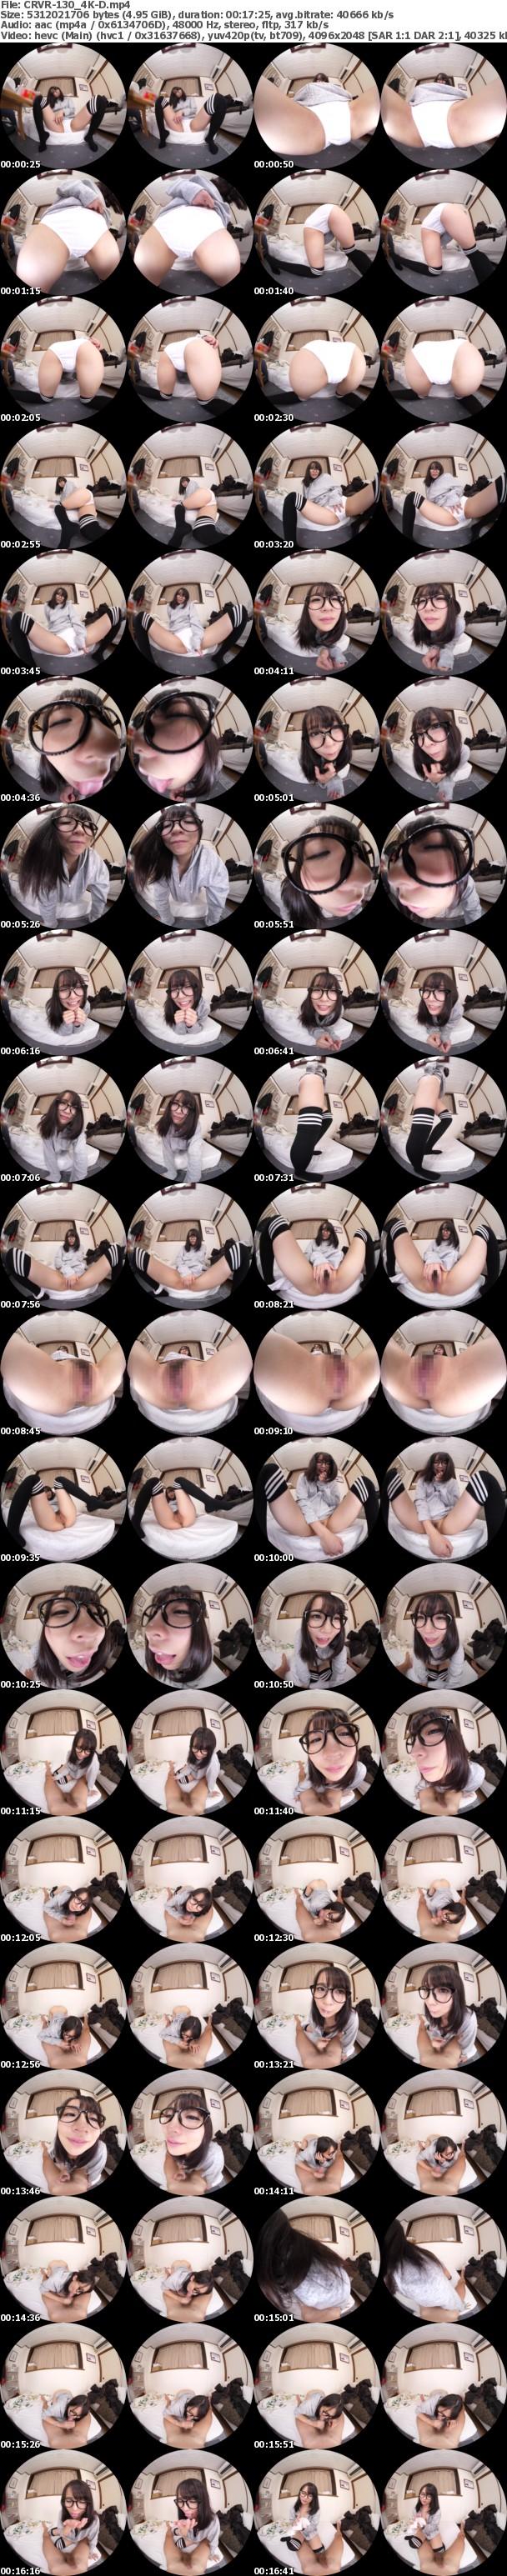 VR/3D CRVR-130 【4K匠】枢木あおい 部屋に転がり込んできた黒髪眼鏡女子と朝から晩までヤリまくる超幸せな一日。